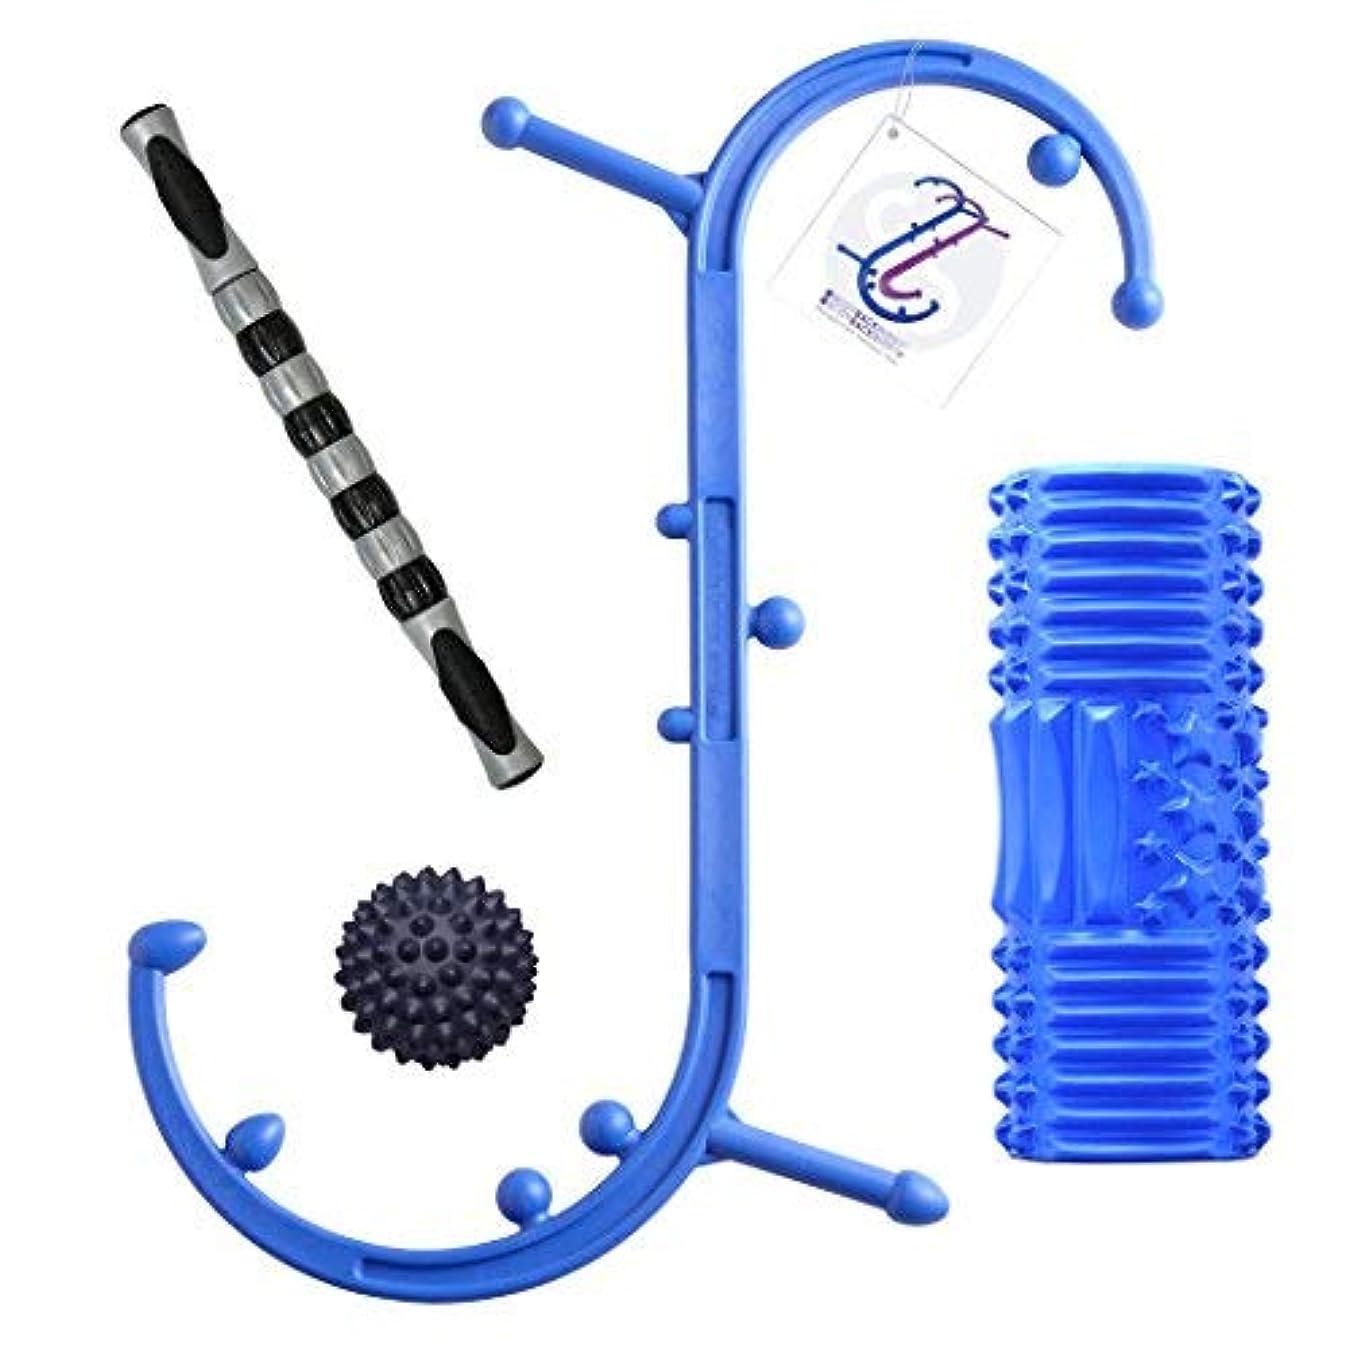 好みプレビスサイト乱気流Body Back Company's Body Back Buddy Pro Sport Trigger Point Self-Massage Tool, 2Roll Foam Massage Roller, RhinoPro...